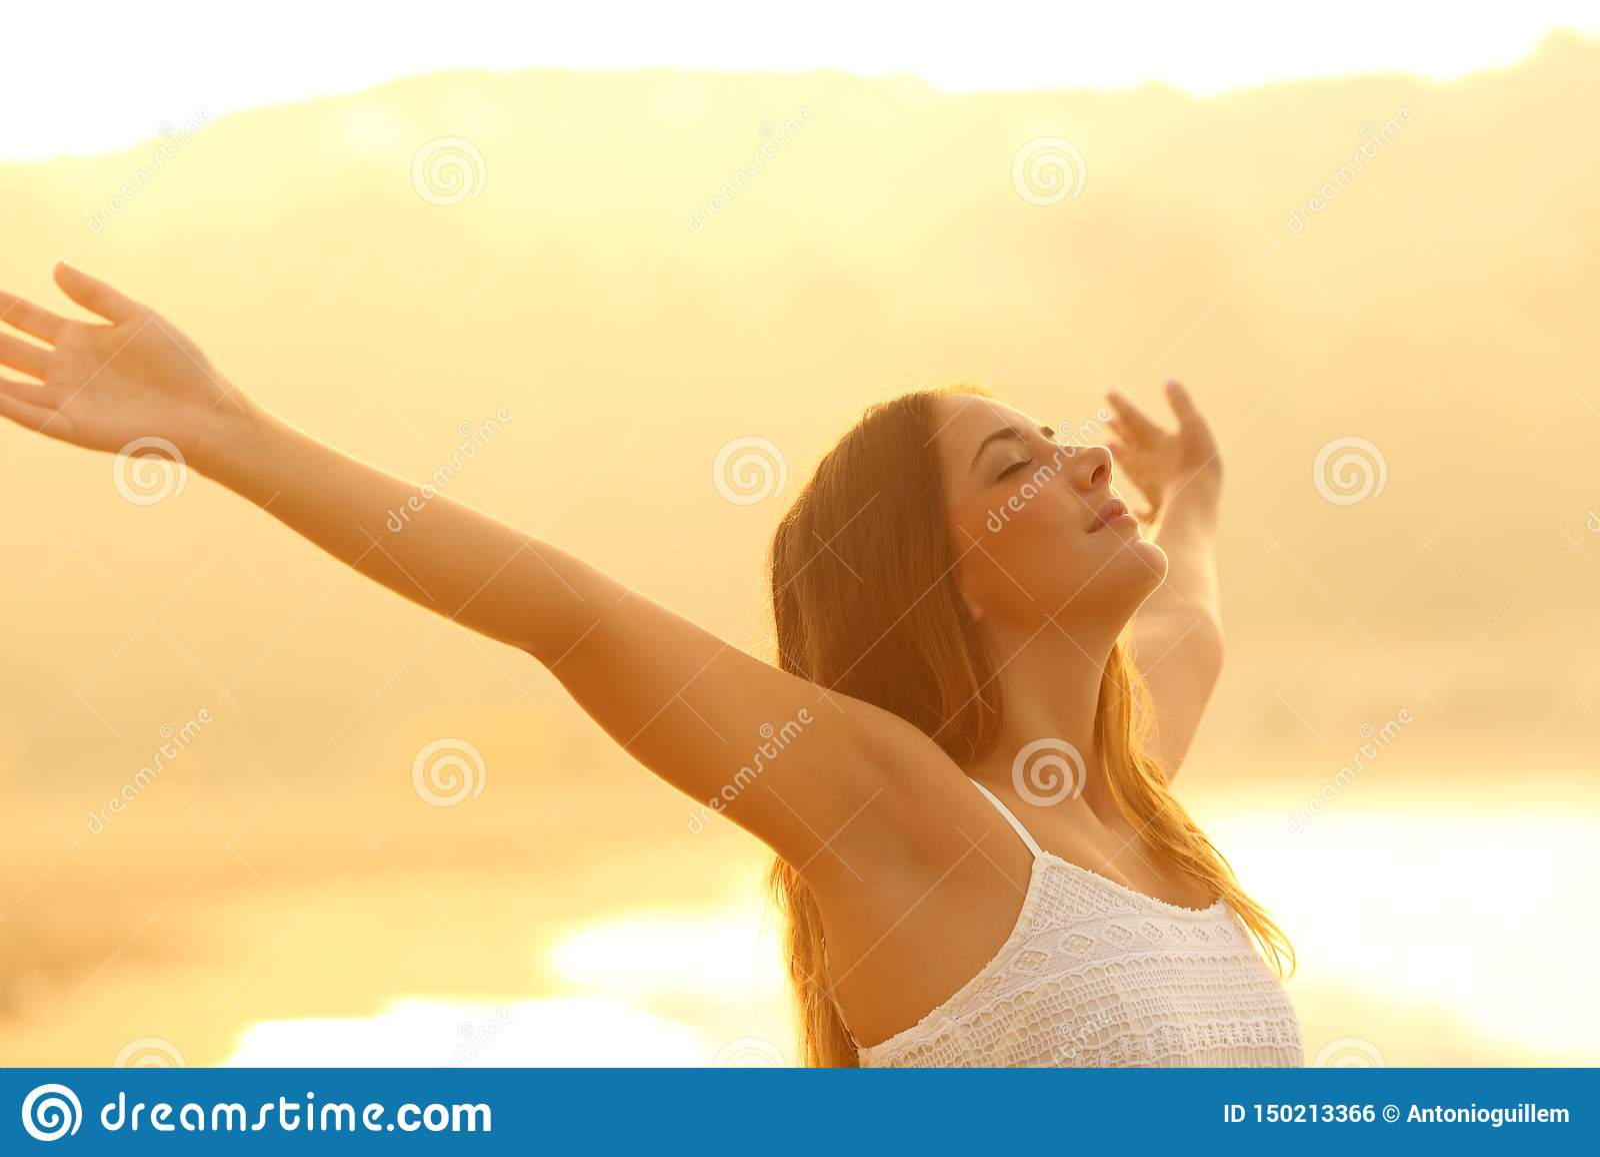 Zrelaksowany kobiety rozciąganie zbroi oddychania świeże powietrze przy zmierzchem